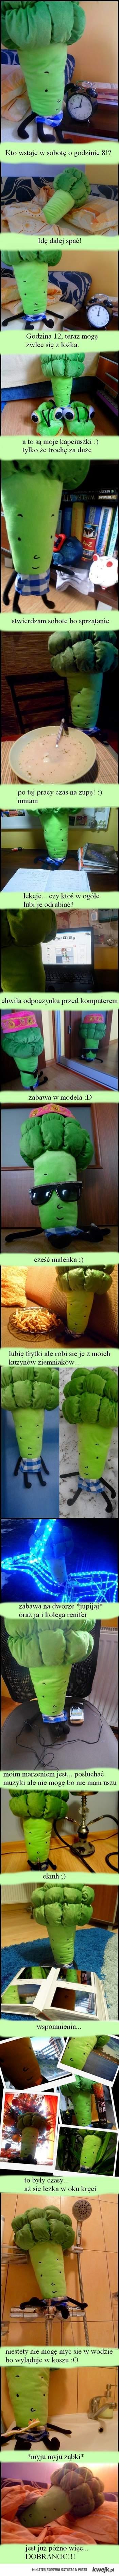 Z życia brokuła